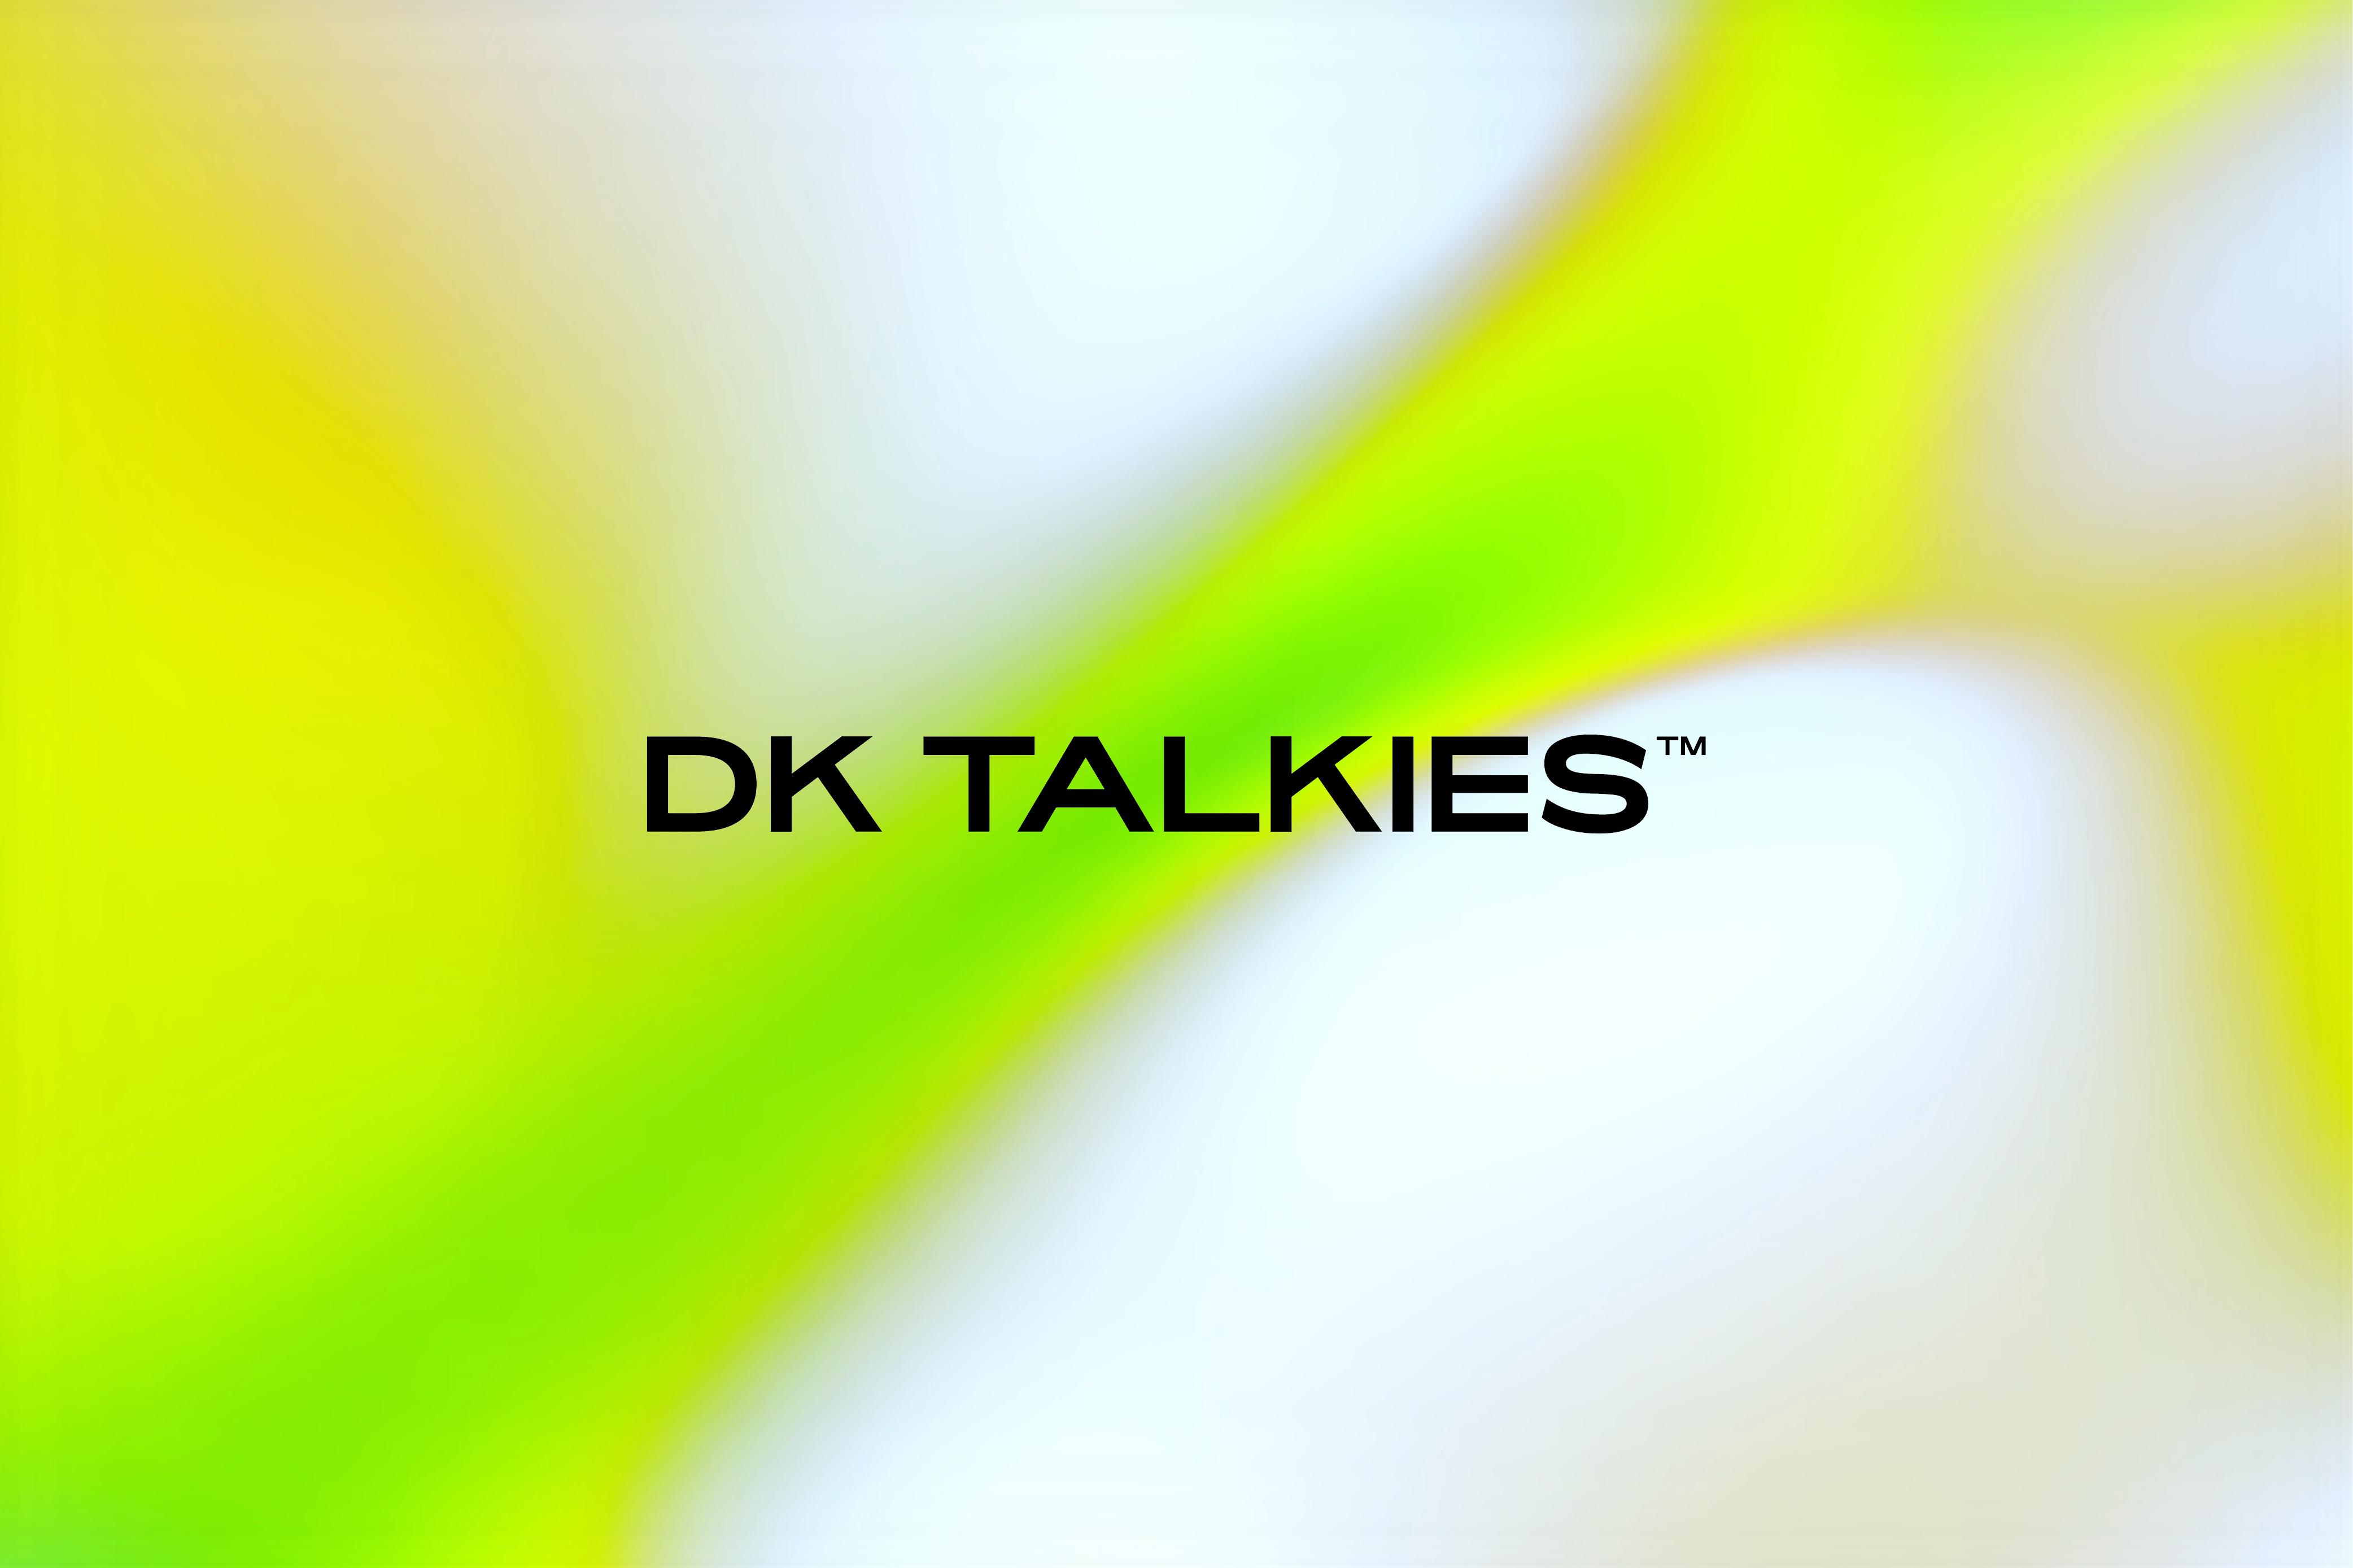 Hugmun Design for DK Talkies